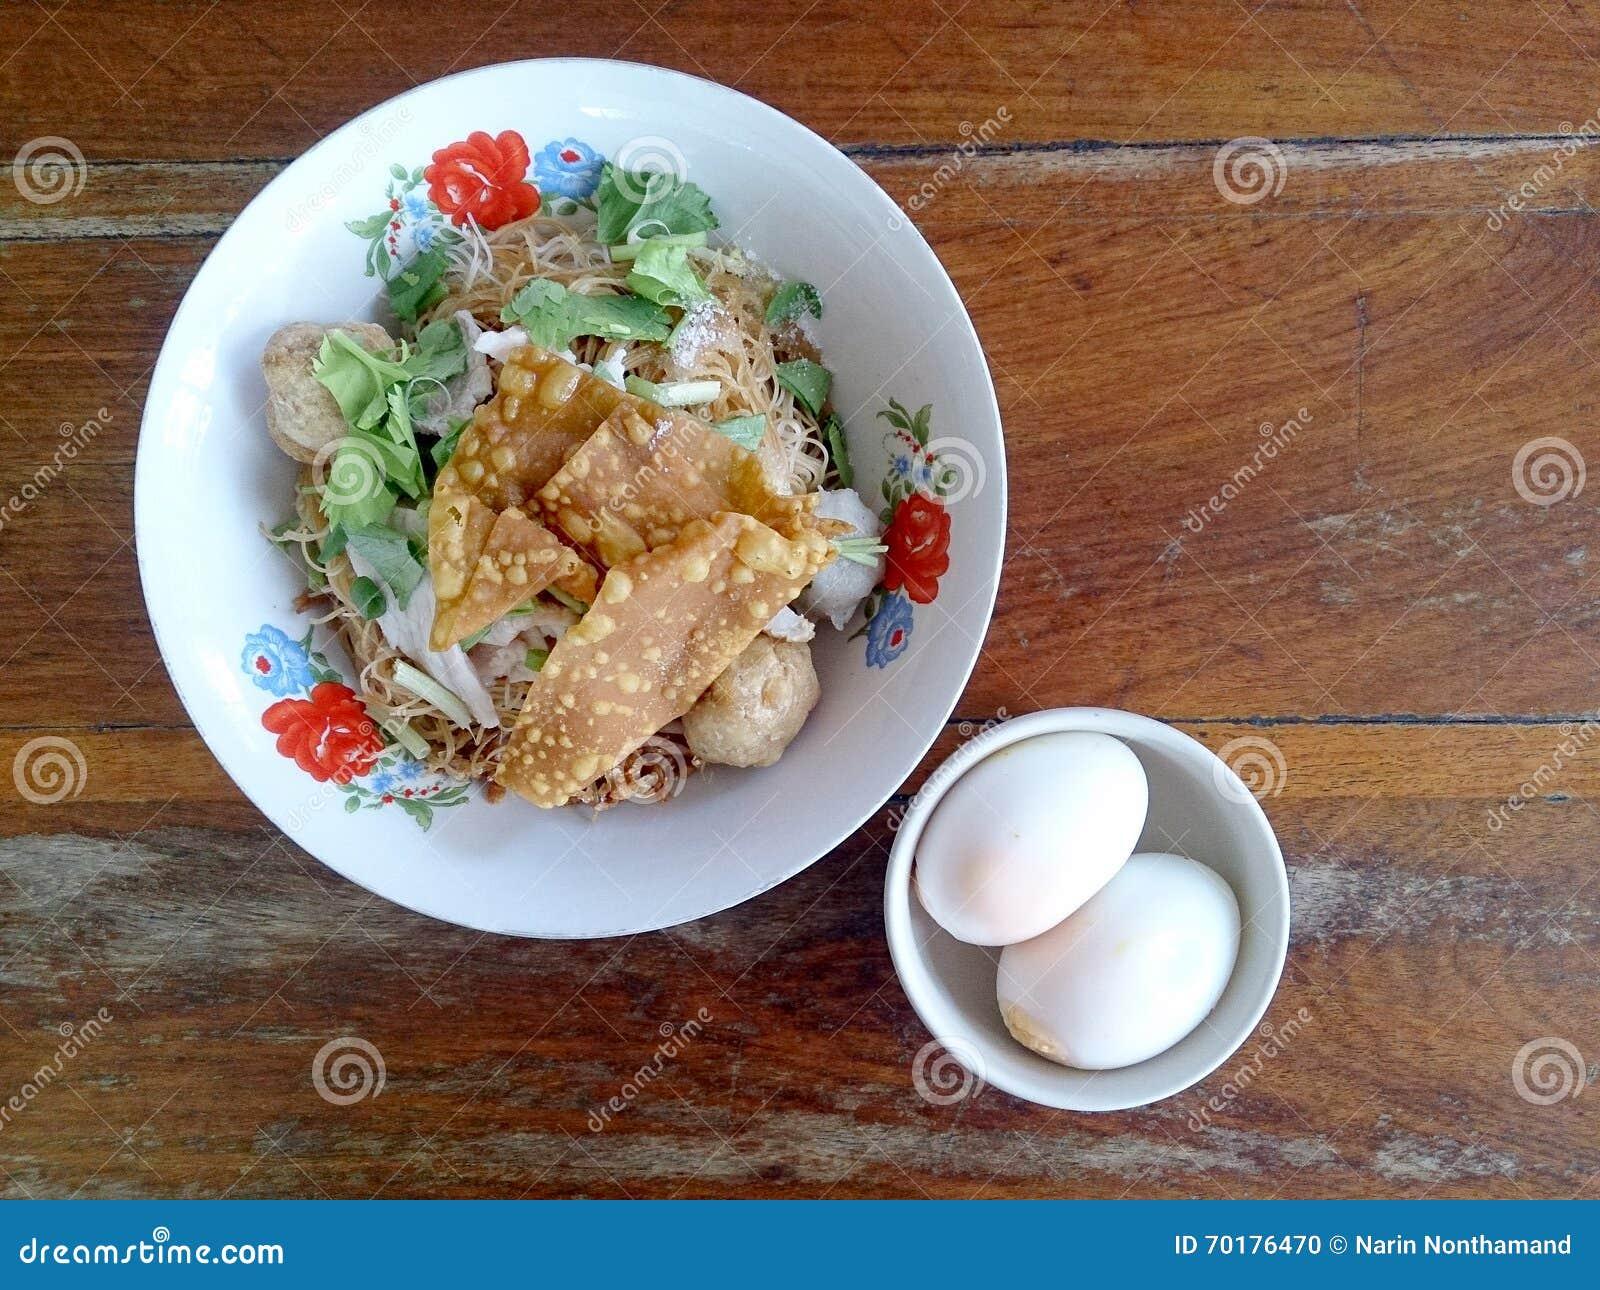 Bred risnudelsoppa med grönsaker och kött, ägg